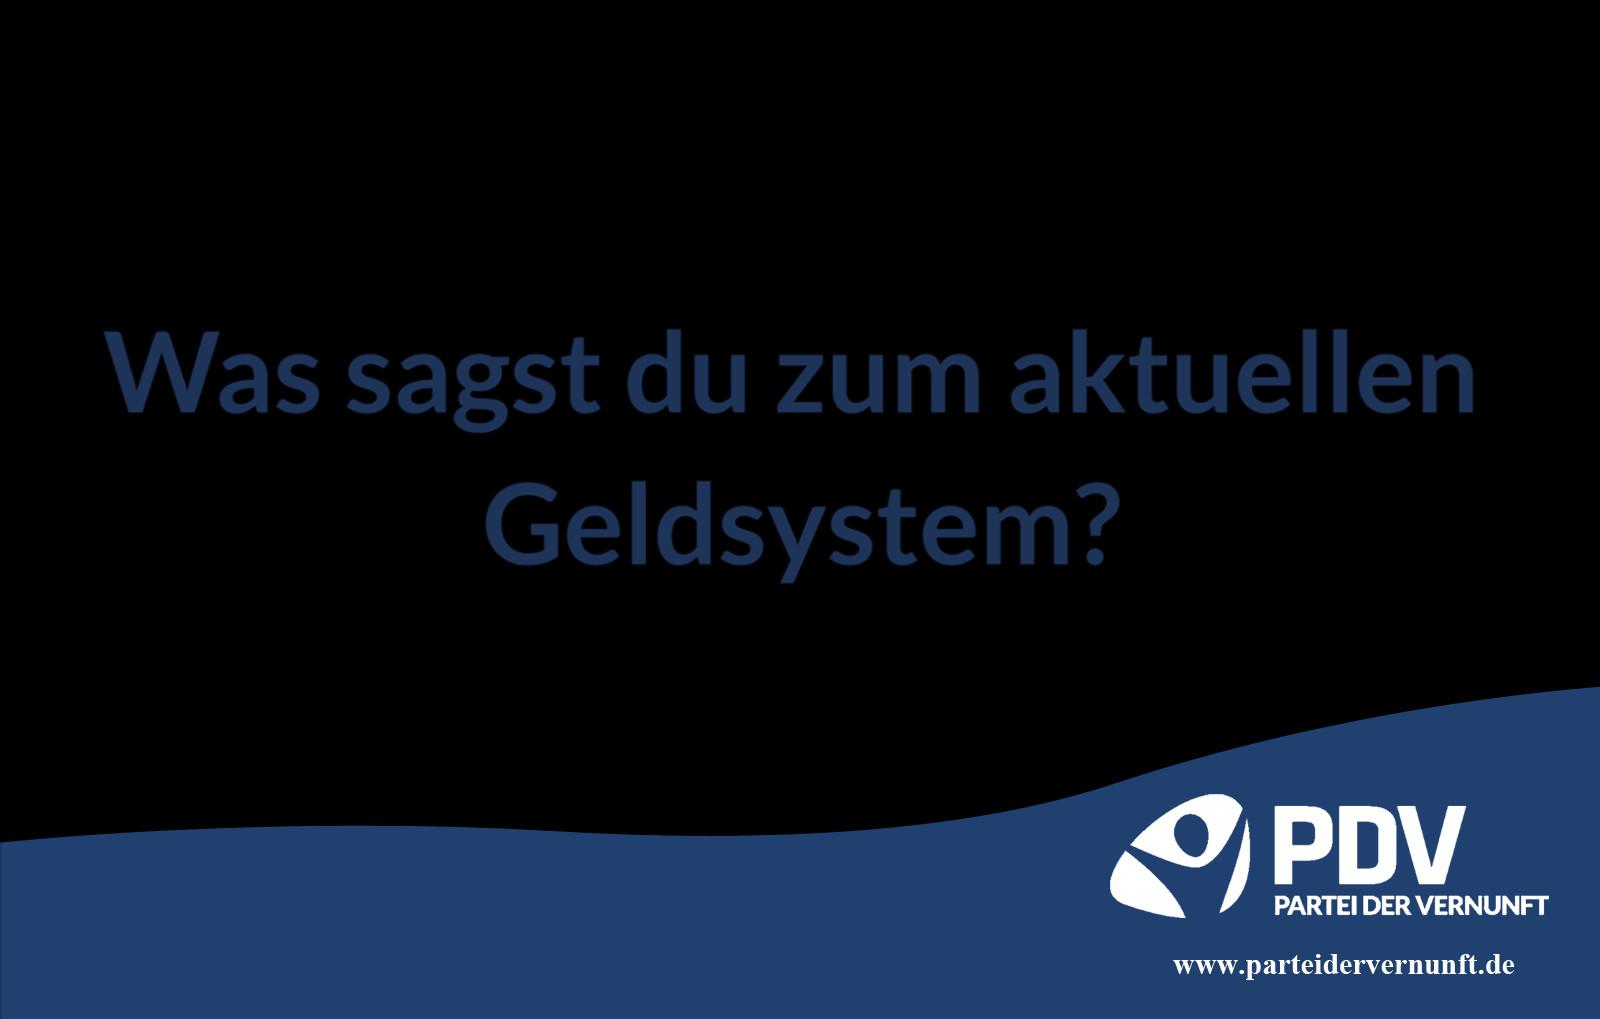 Wie steht die PDV zum Geldsystem?